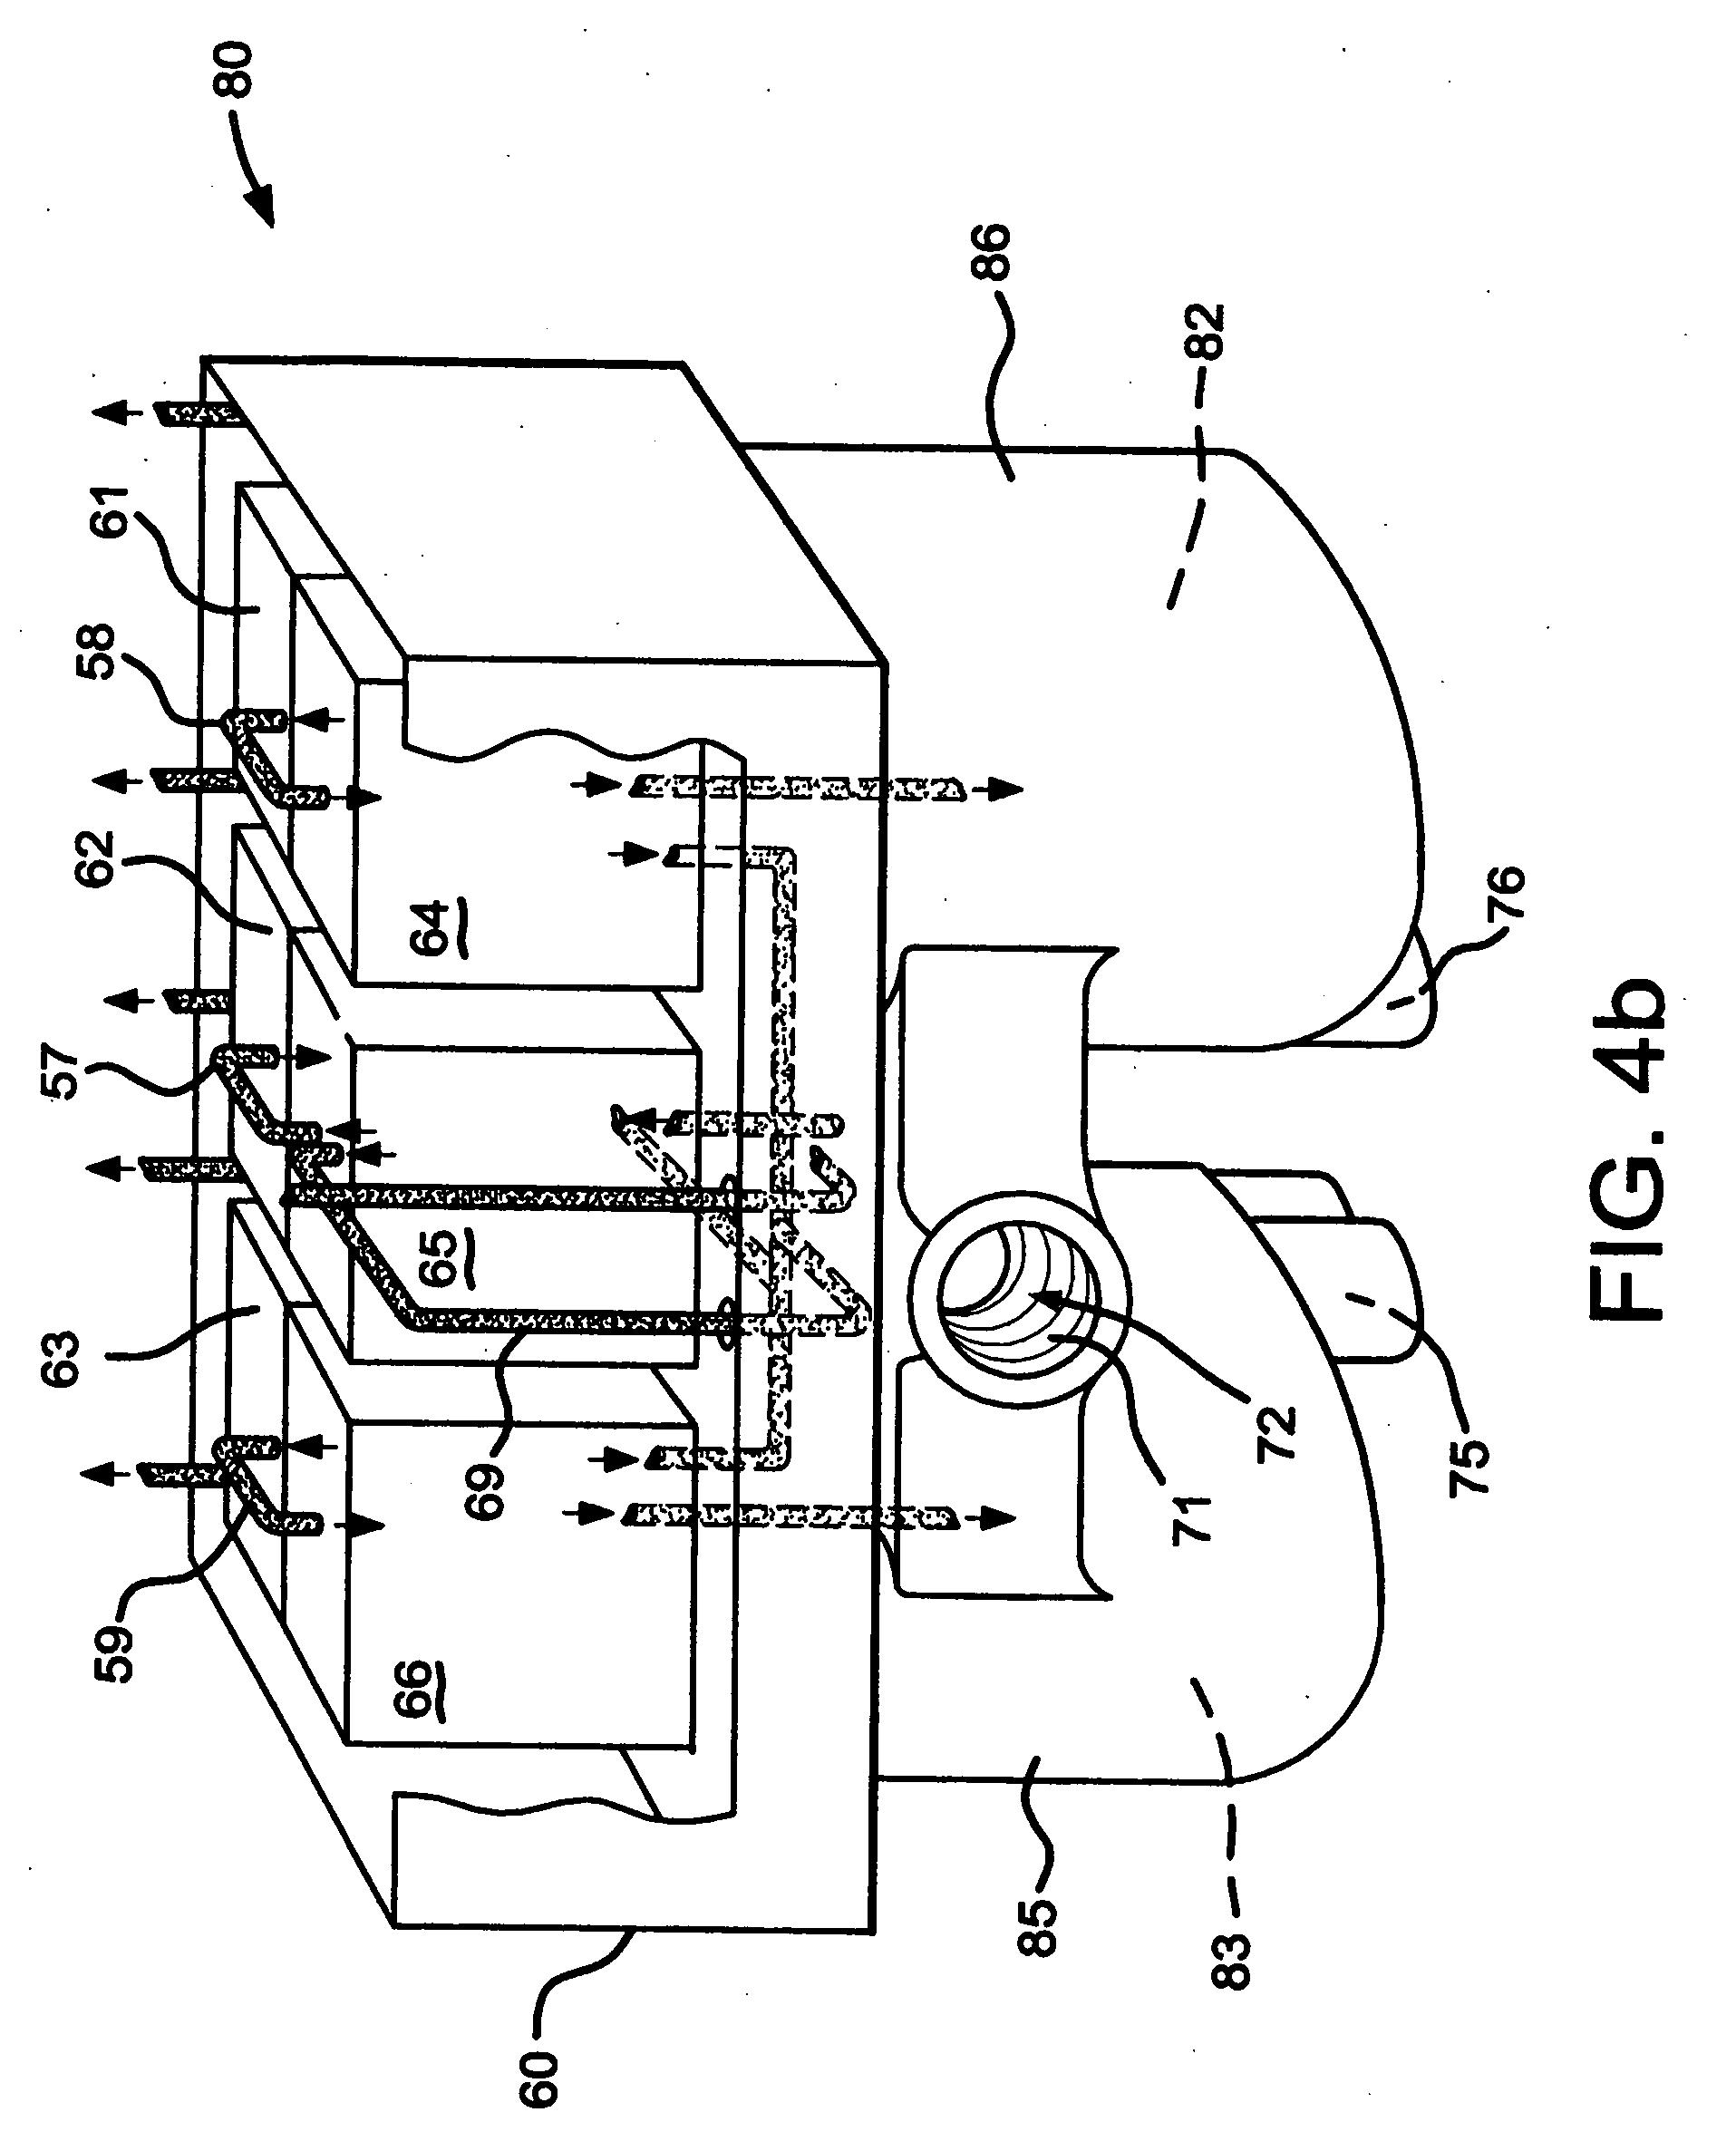 baldor motor capacitor wiring diagram